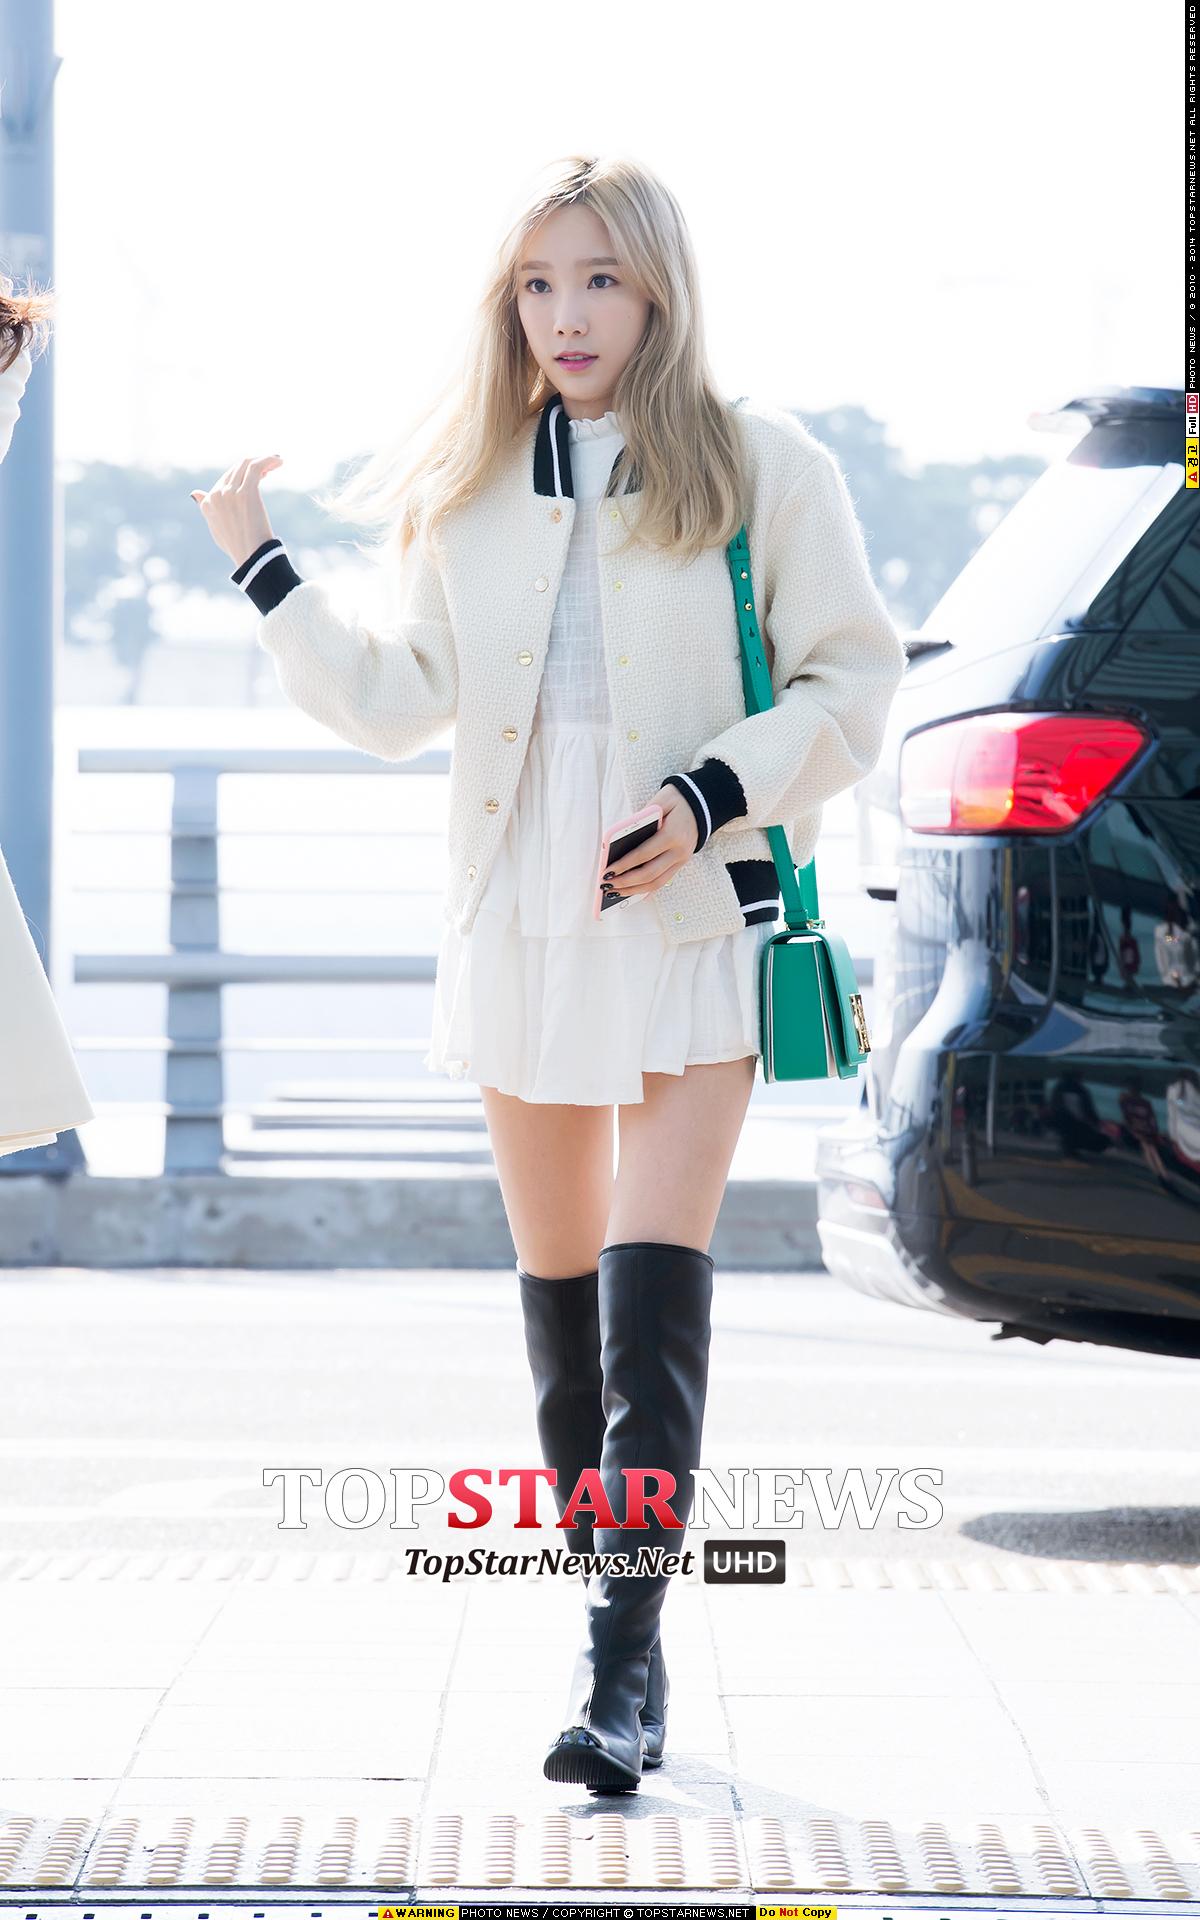 太妍雖然以少女風格十足的連身裙搭配膝上靴,不過因為加上棒球外套,可愛之餘也不失混搭的時尚感。